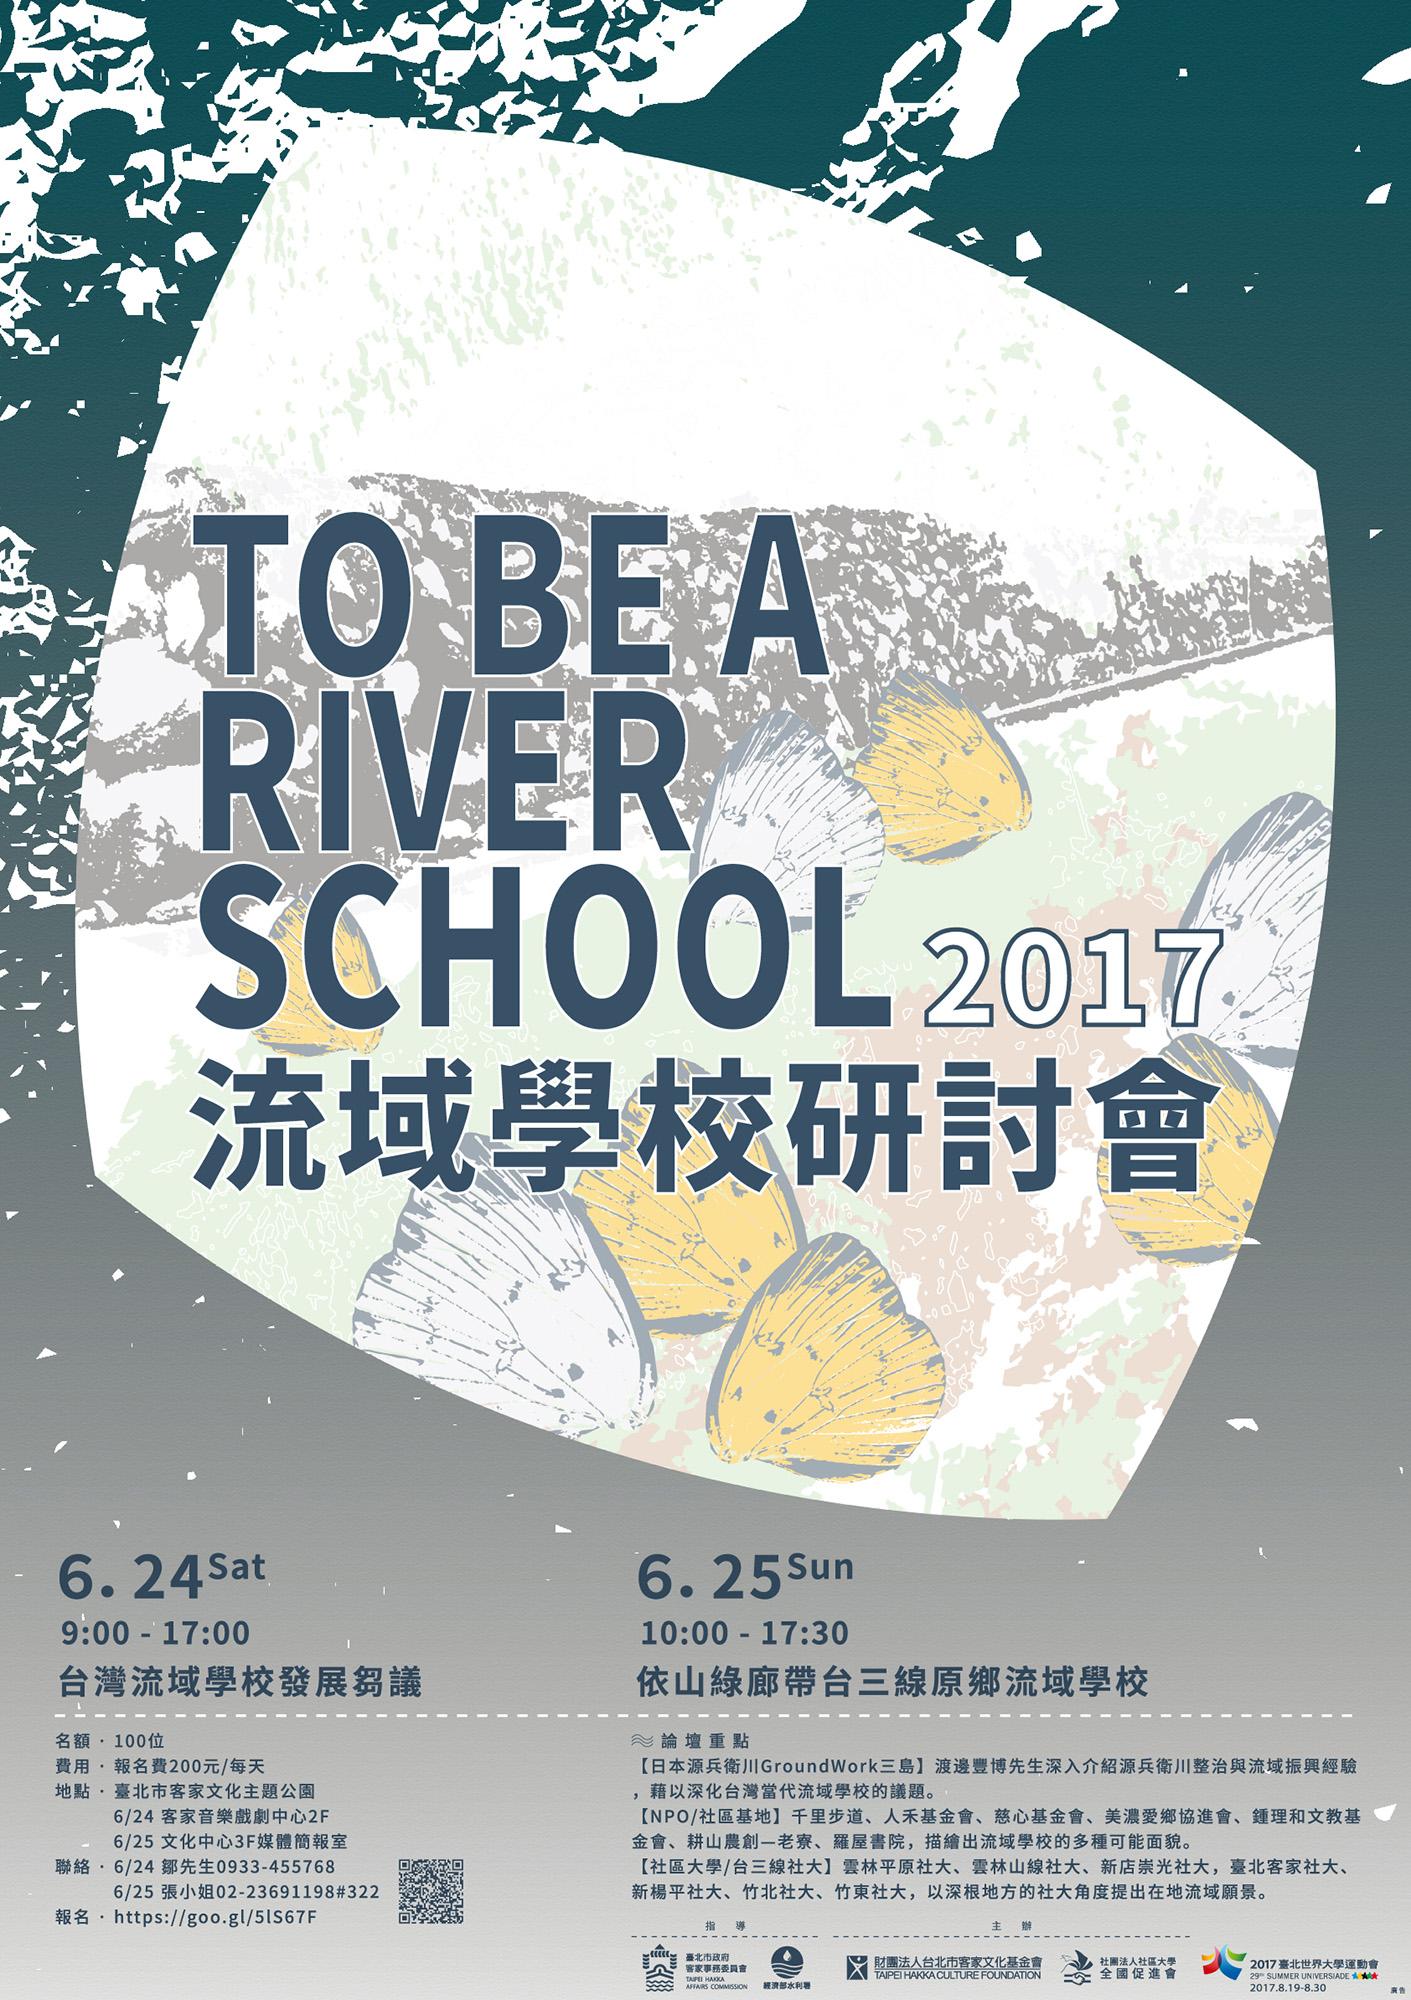 event-2017流域學校研討會-海報.jpg